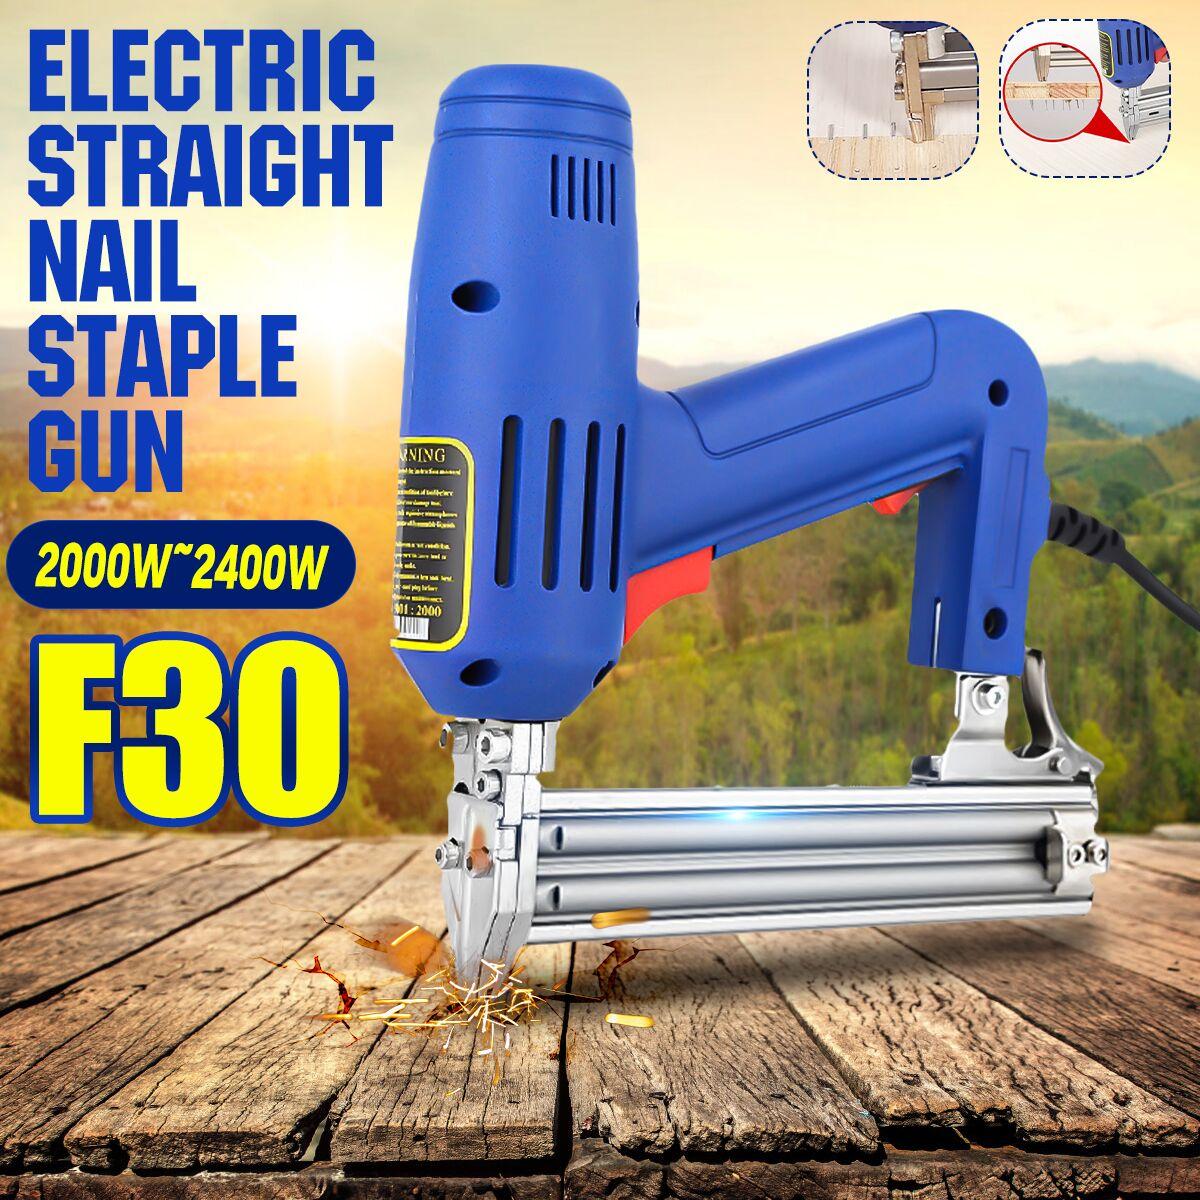 Drillpro Clavo recto eléctrico Gu 2000W 220V herramienta de carpintería de alta potencia herramientas eléctricas de carpintería